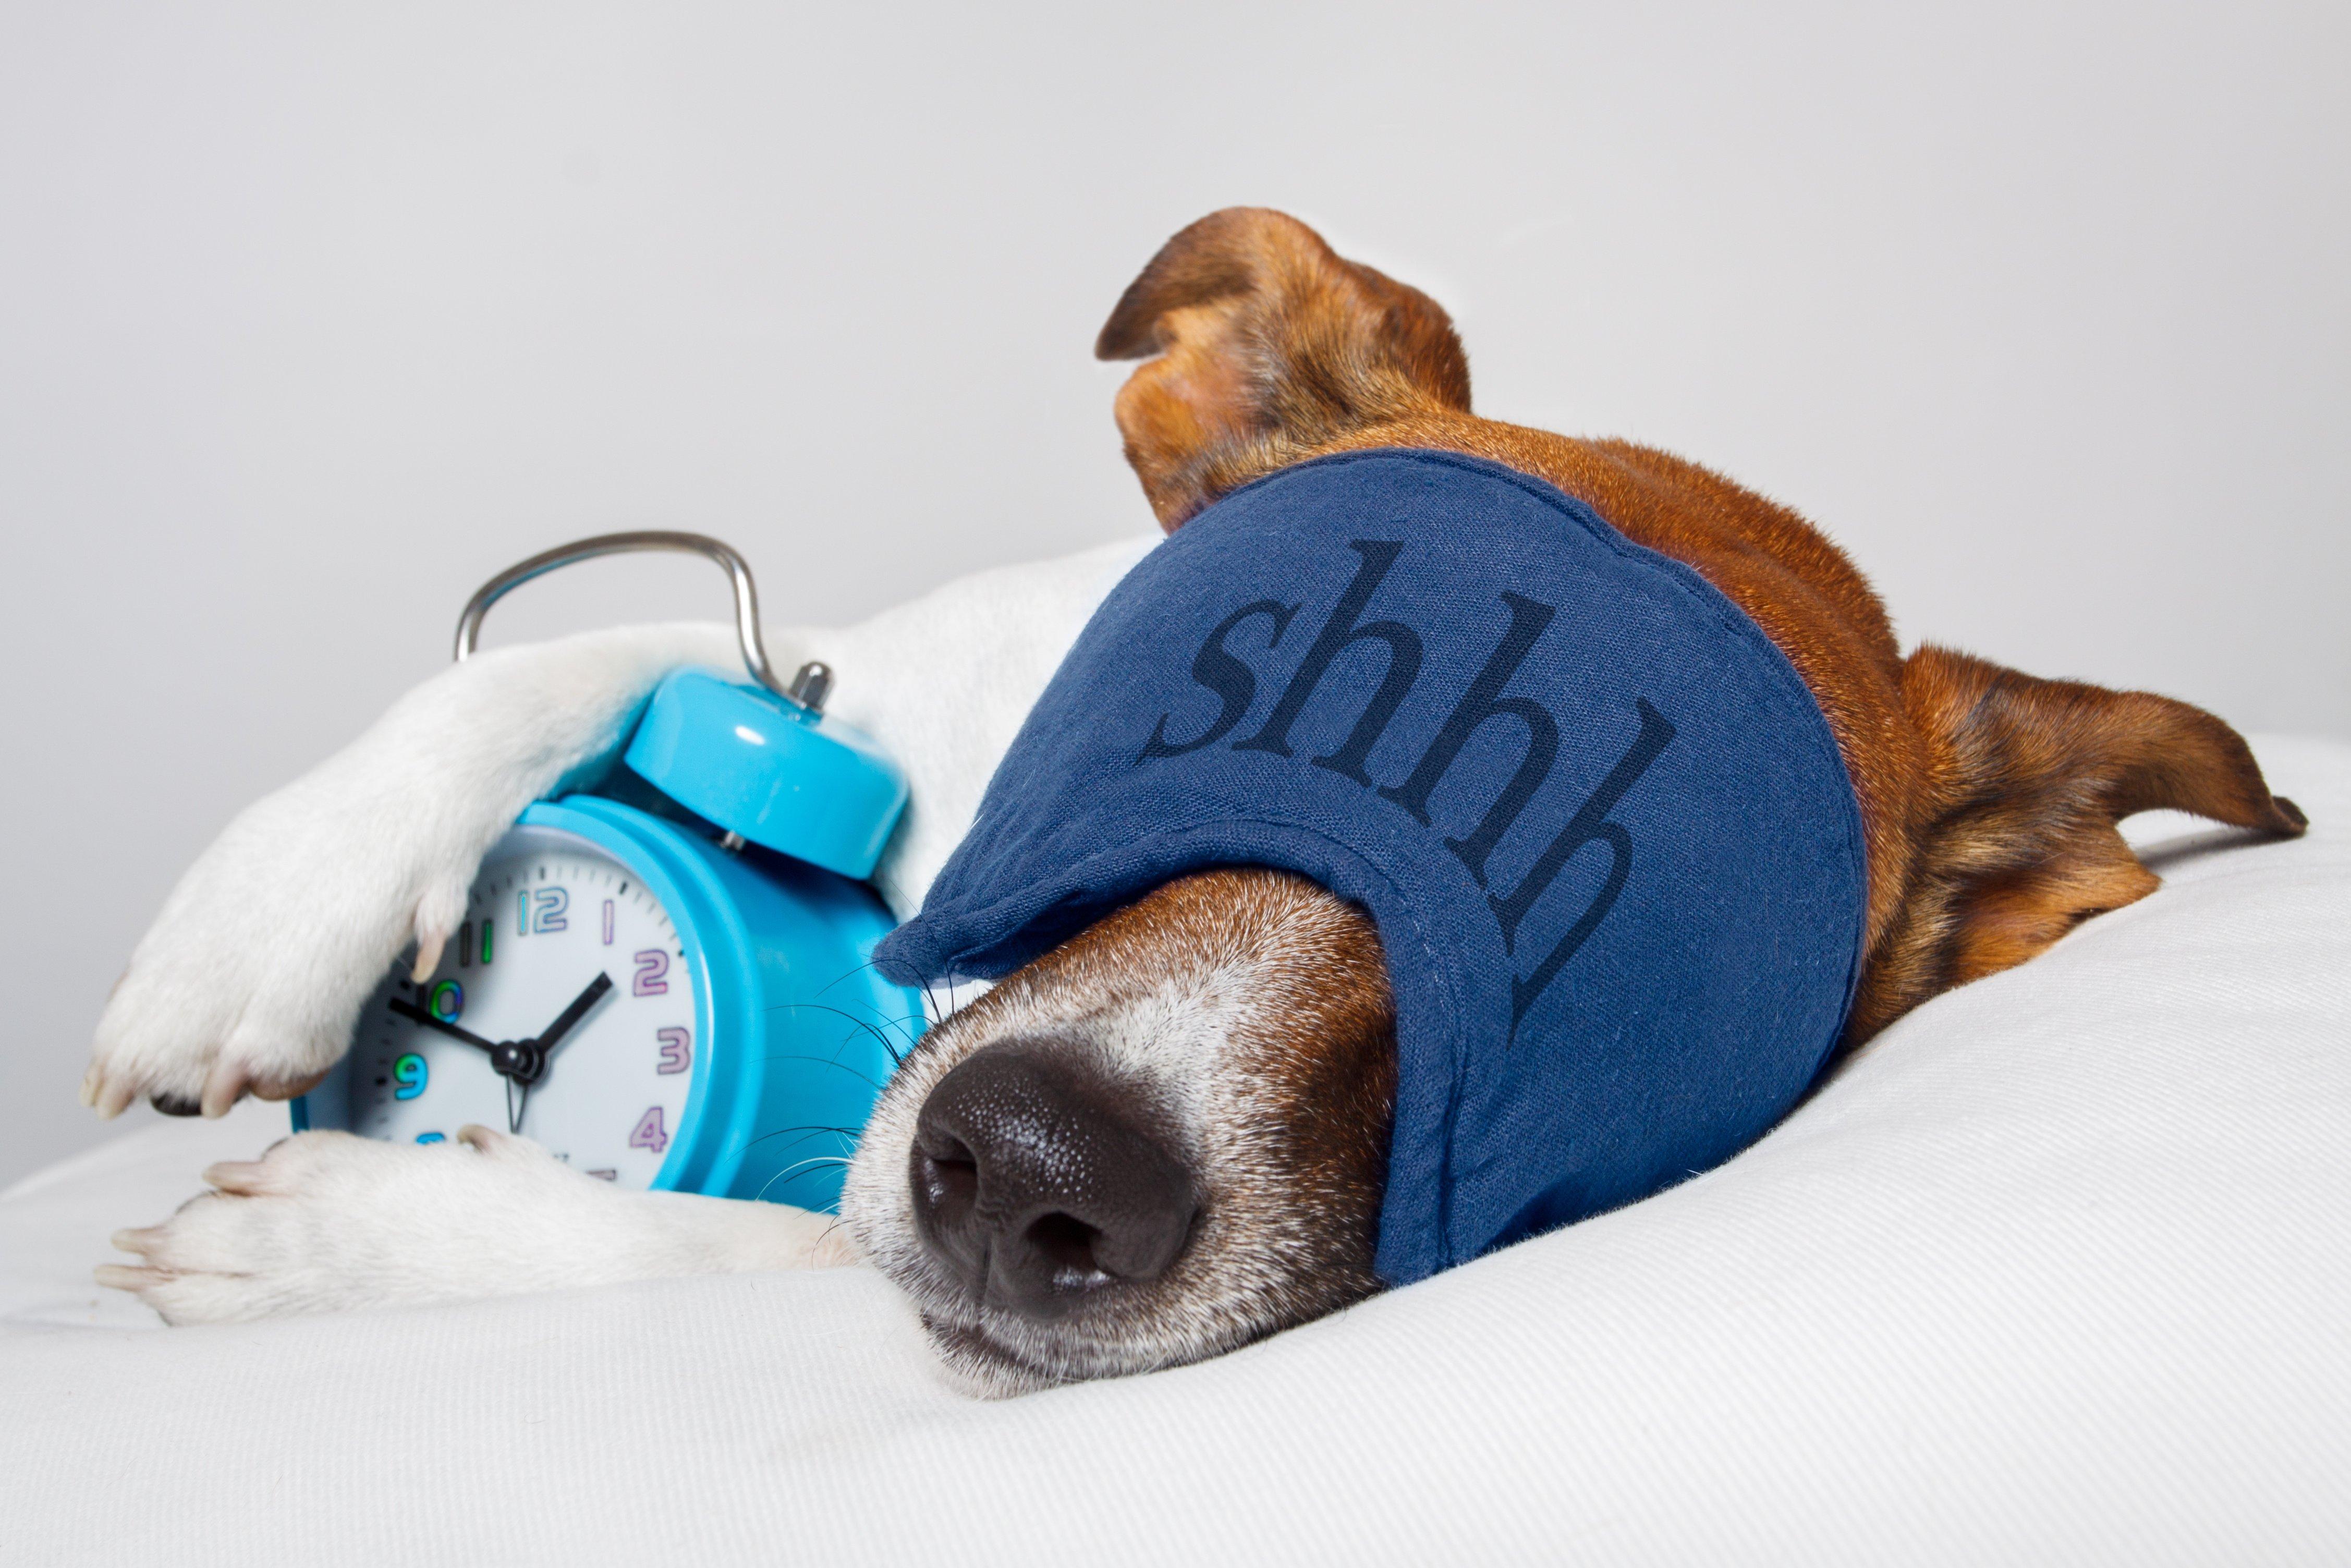 hilfreiche Tipps gegen Schlaflosigkeit